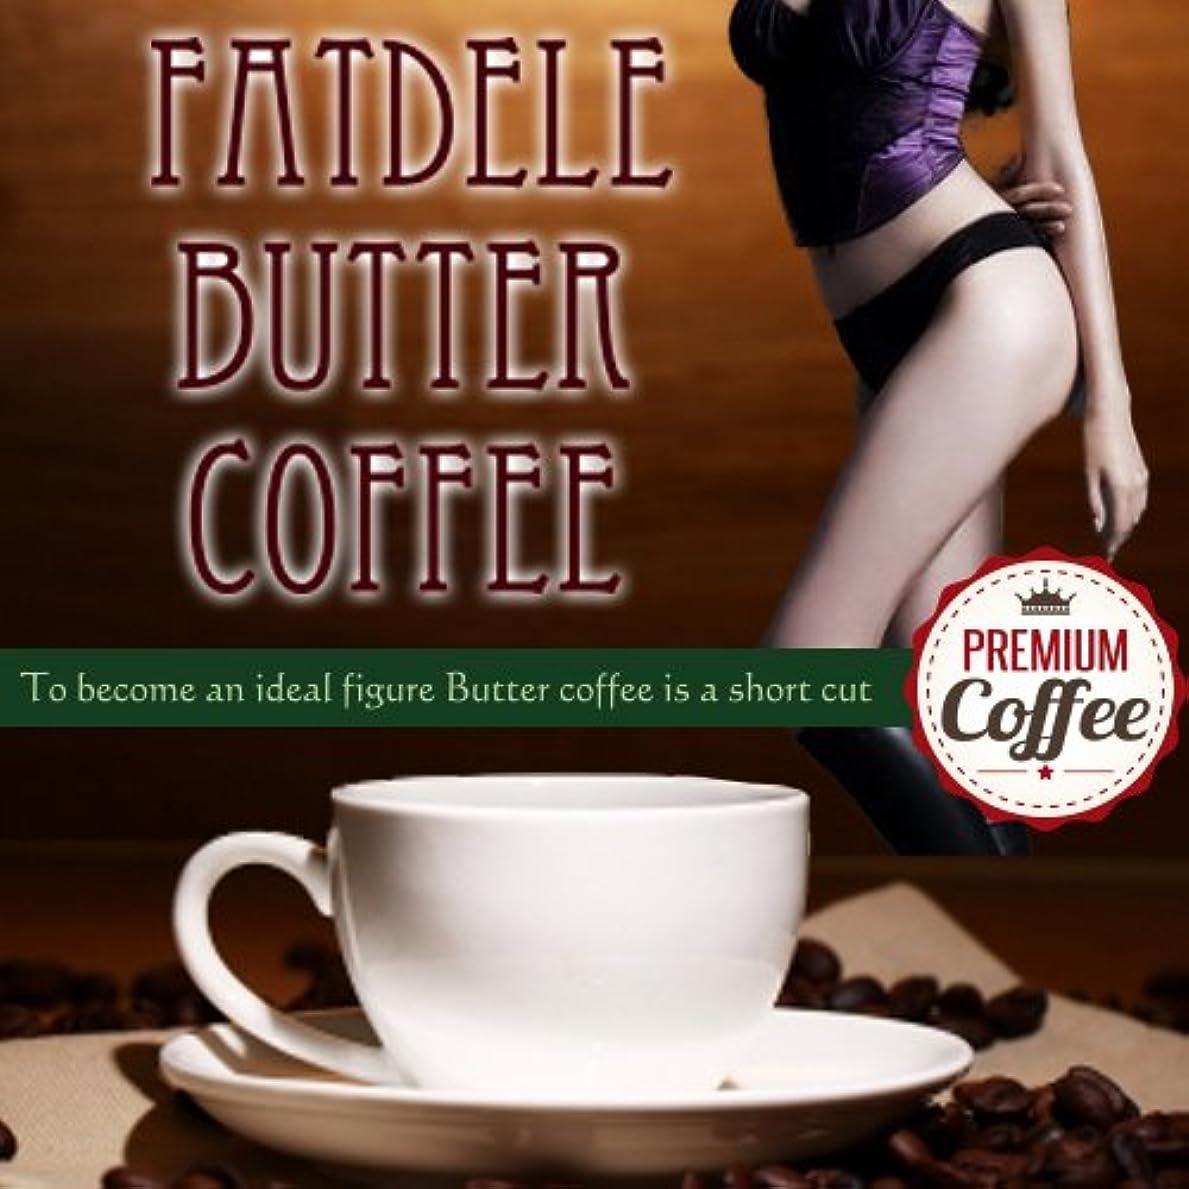 ふける多様性シェードファットデルバターコーヒー バターコーヒー ダイエットコーヒー